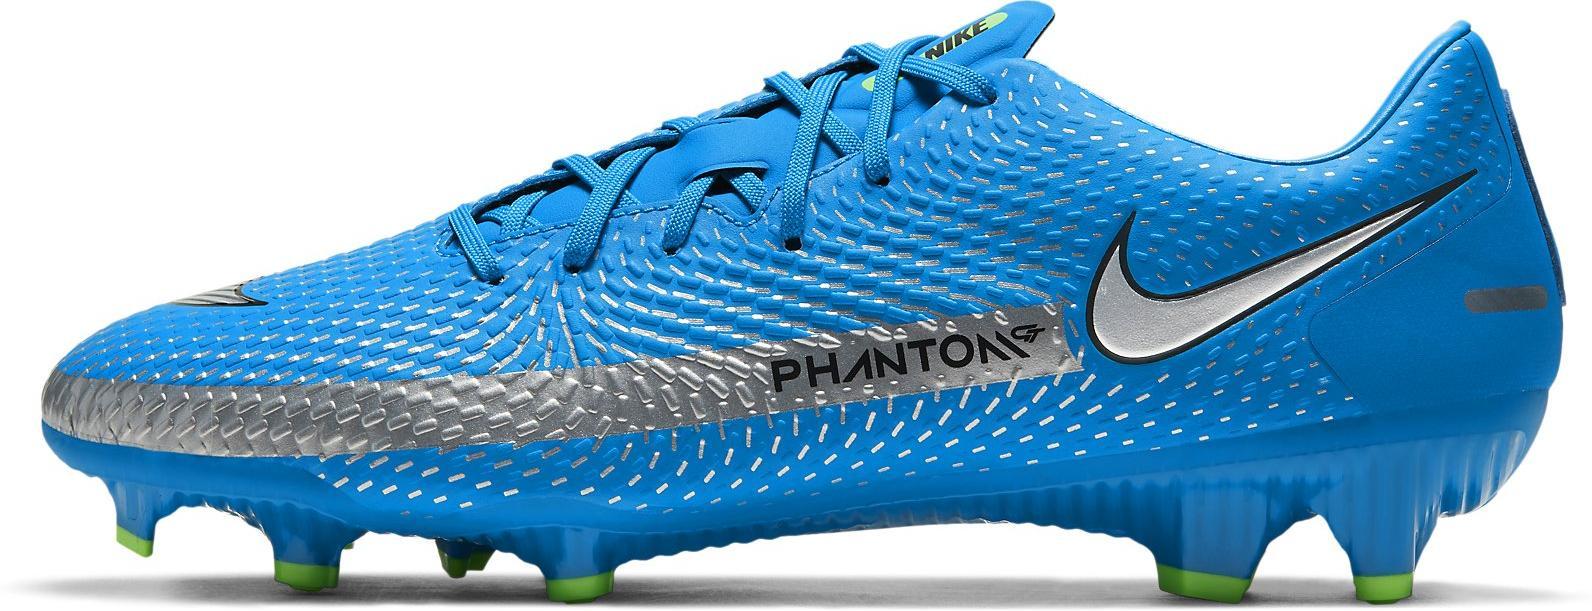 Kopačky Nike PHANTOM GT ACADEMY FG/MG modrá